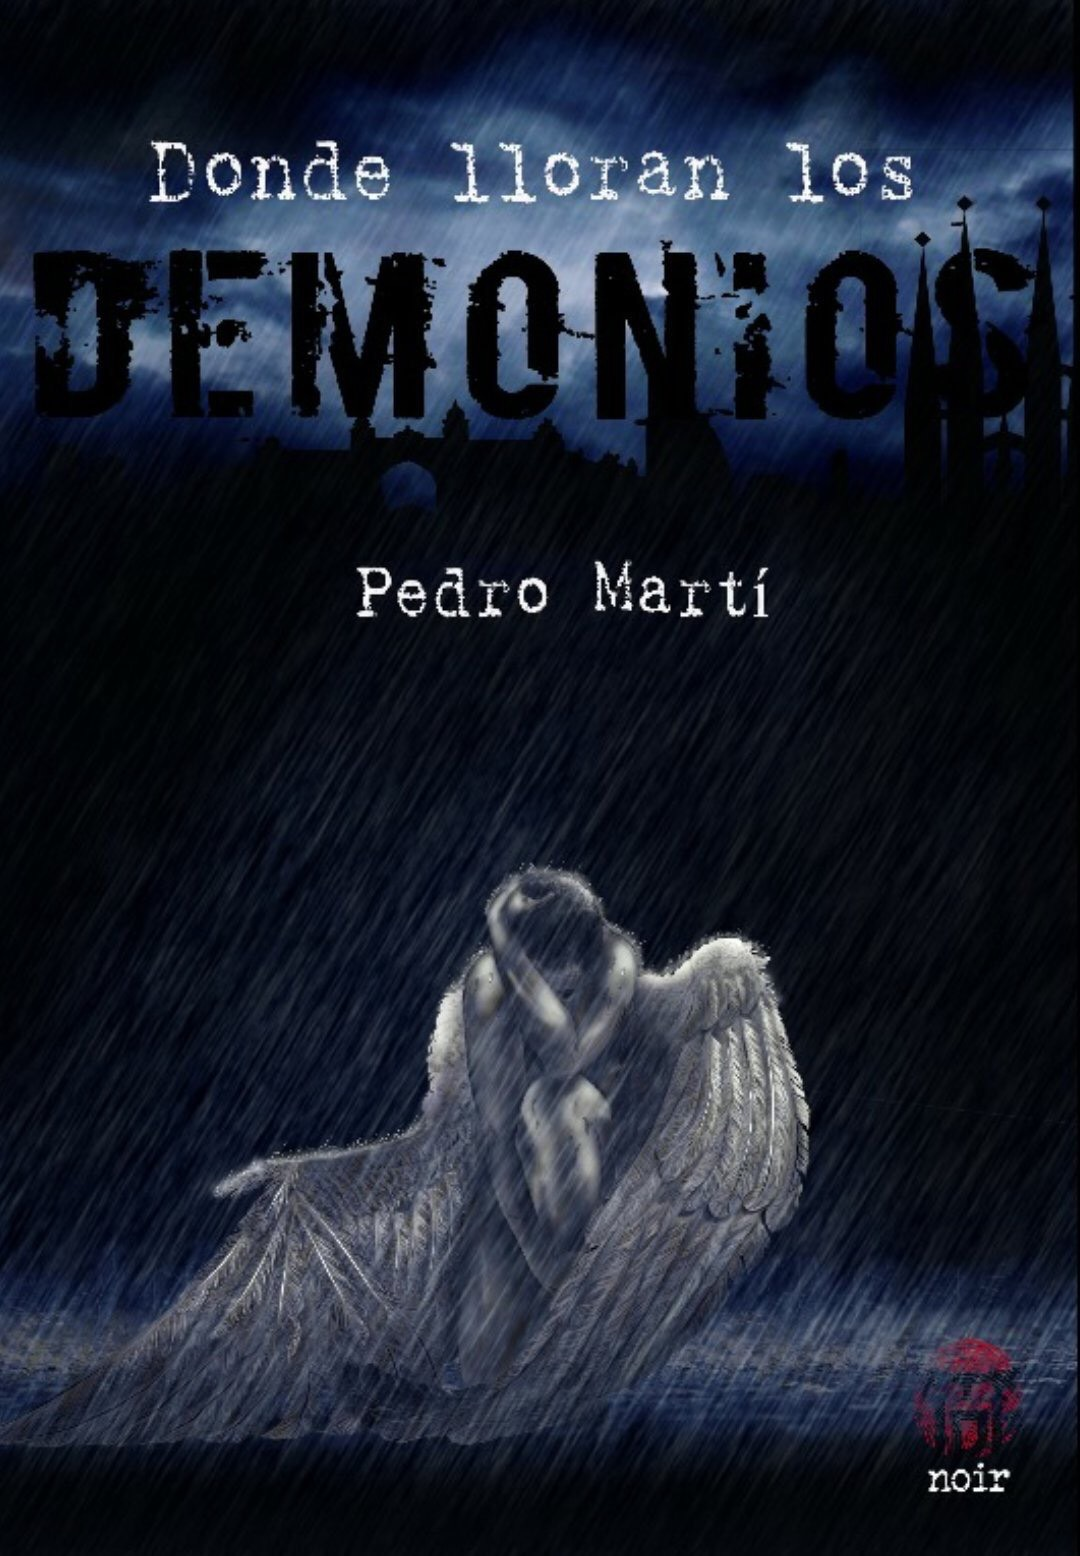 Donde lloran los demonios Pedro Martí